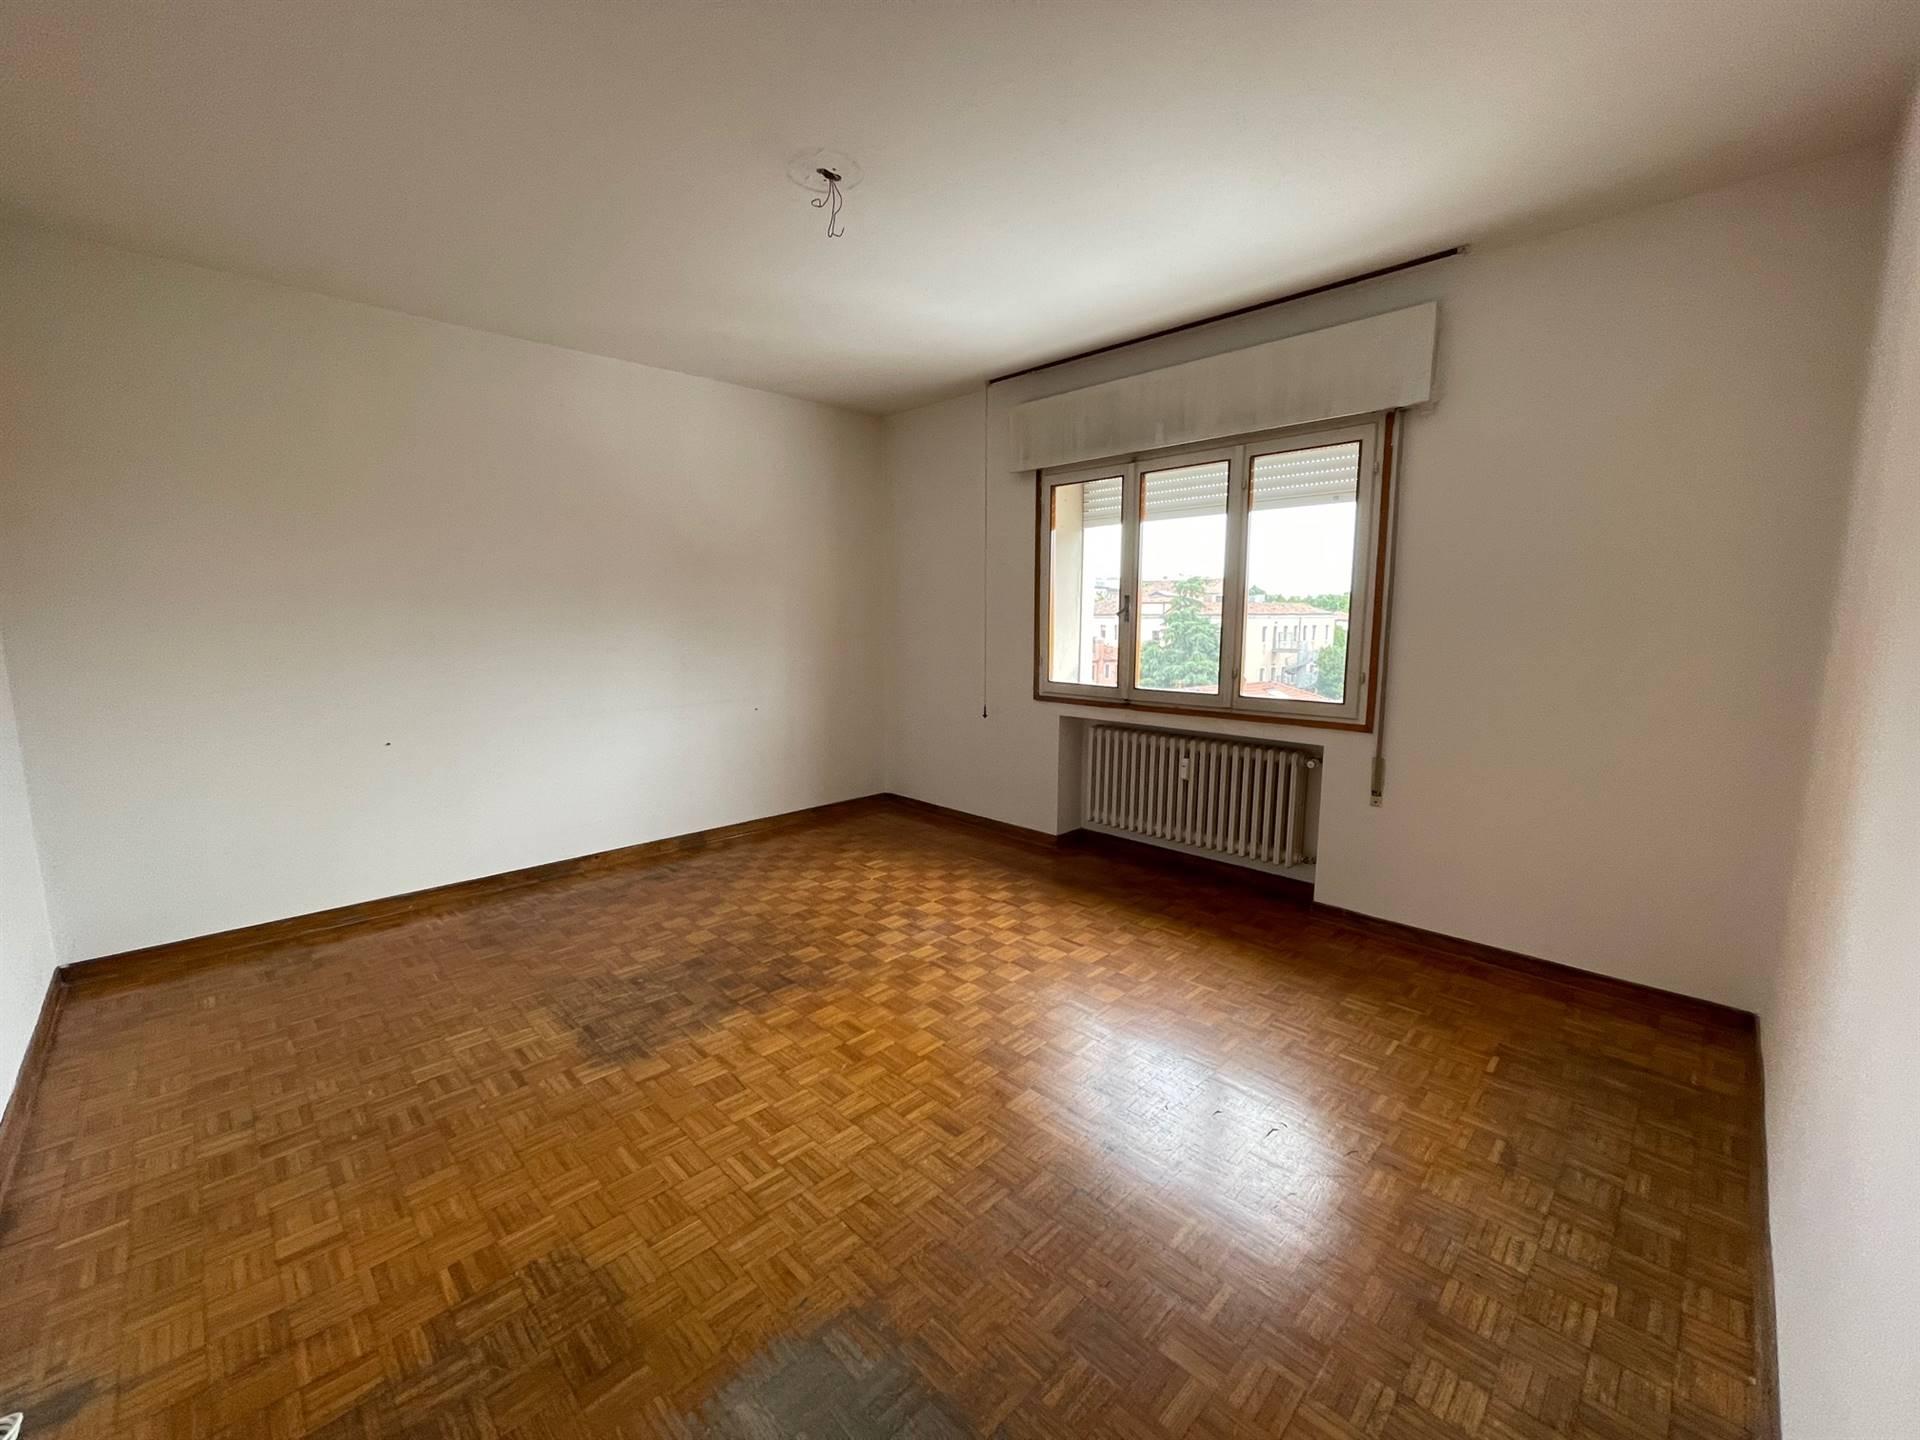 camera matrimoniale Mestre P.zza Ferretto